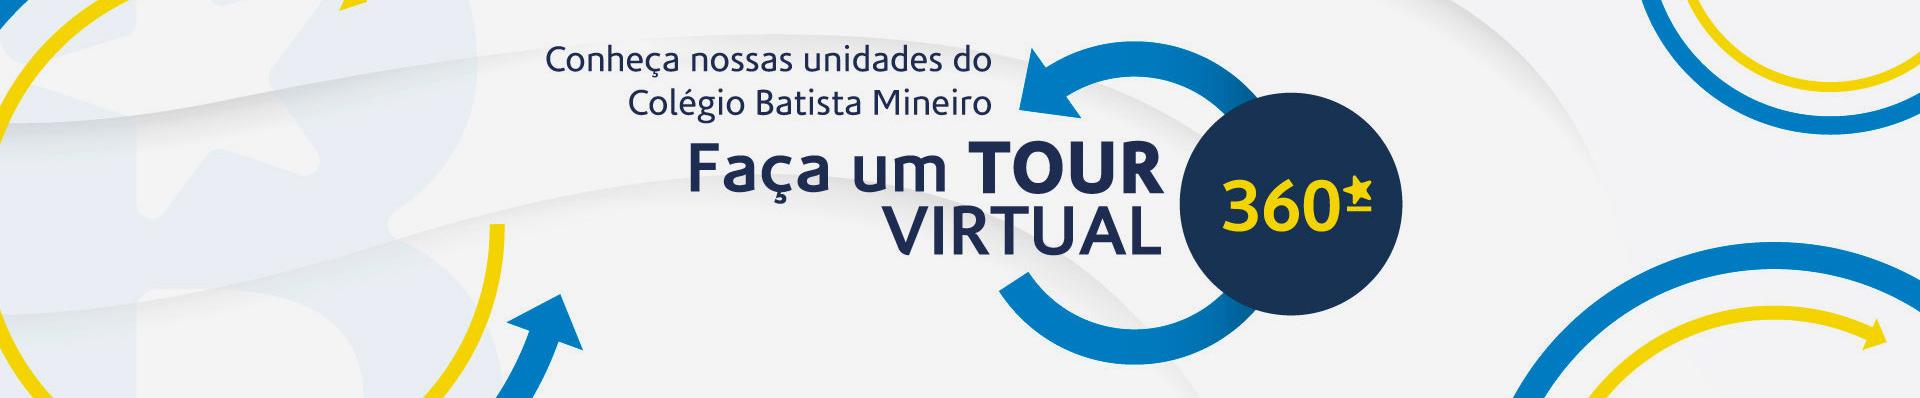 Tour Virtual - Colégio Batista Mineiro